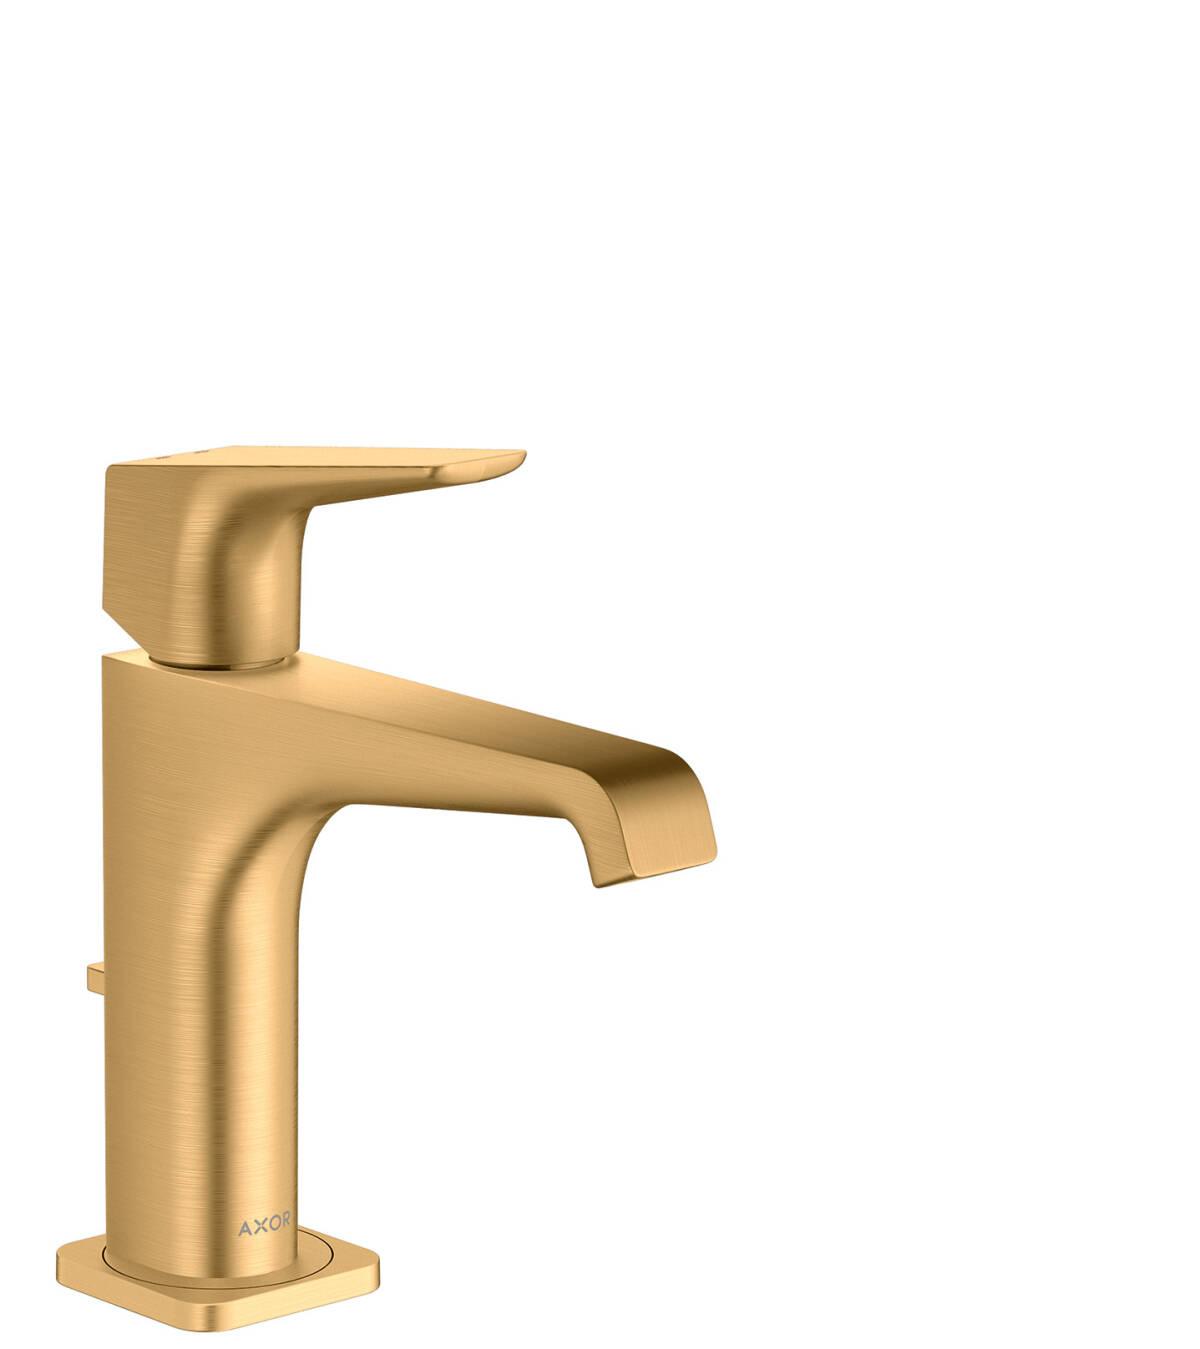 Mezclador monomando de lavabo 130 con manecilla y vaciador automático, latón cepillado, 36110950